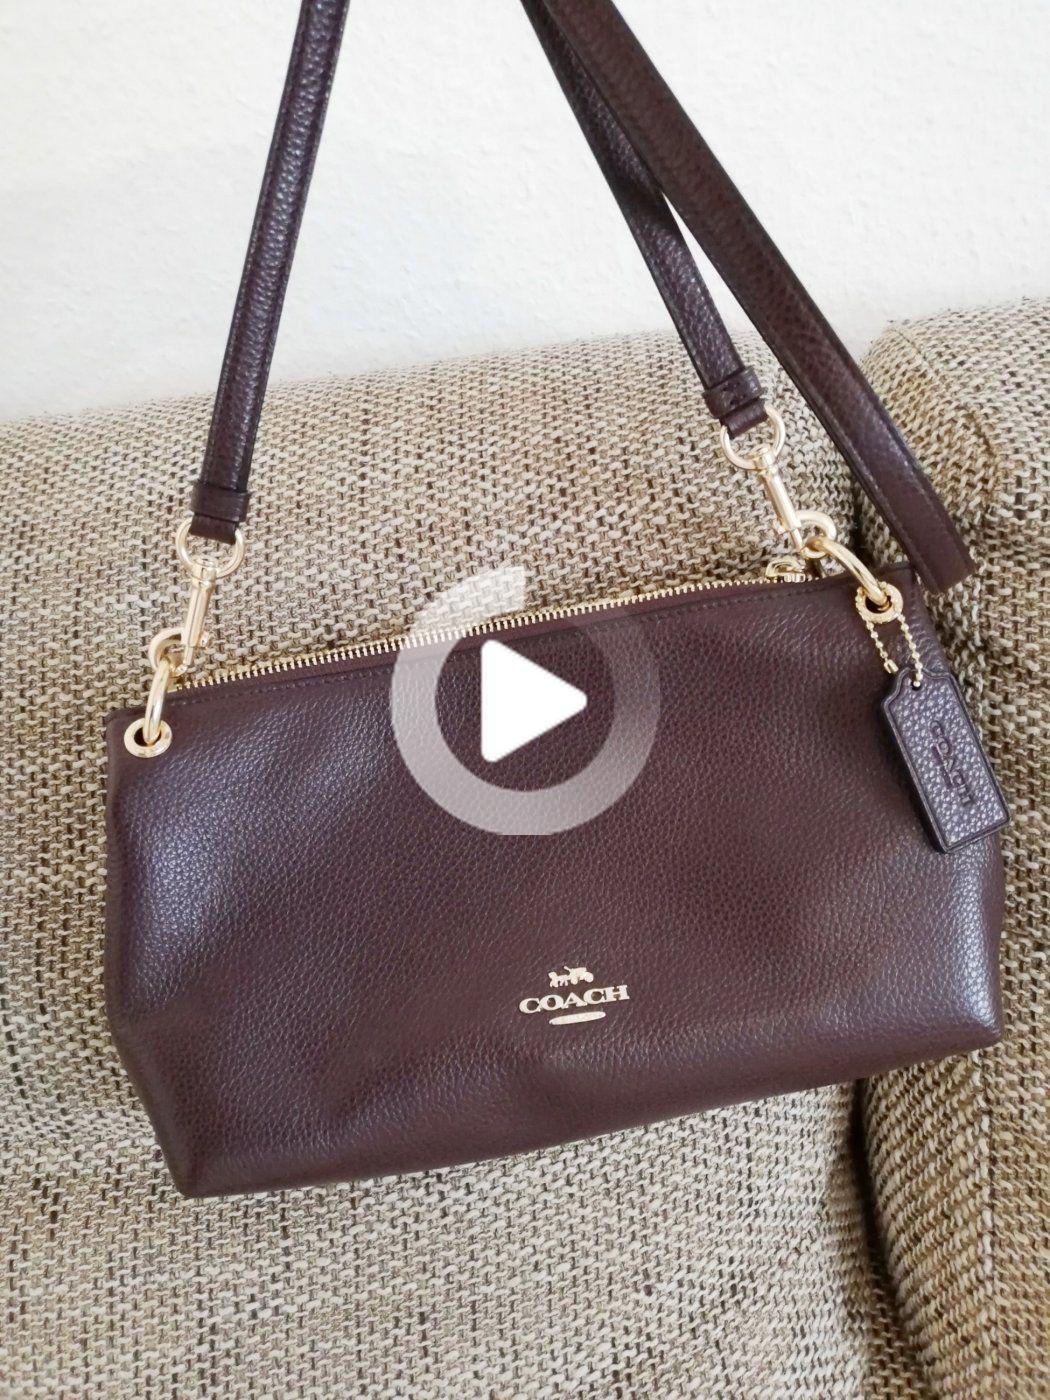 Sac bandoulière Coach en cuir bordeaux * comme neuf * | Leather ...